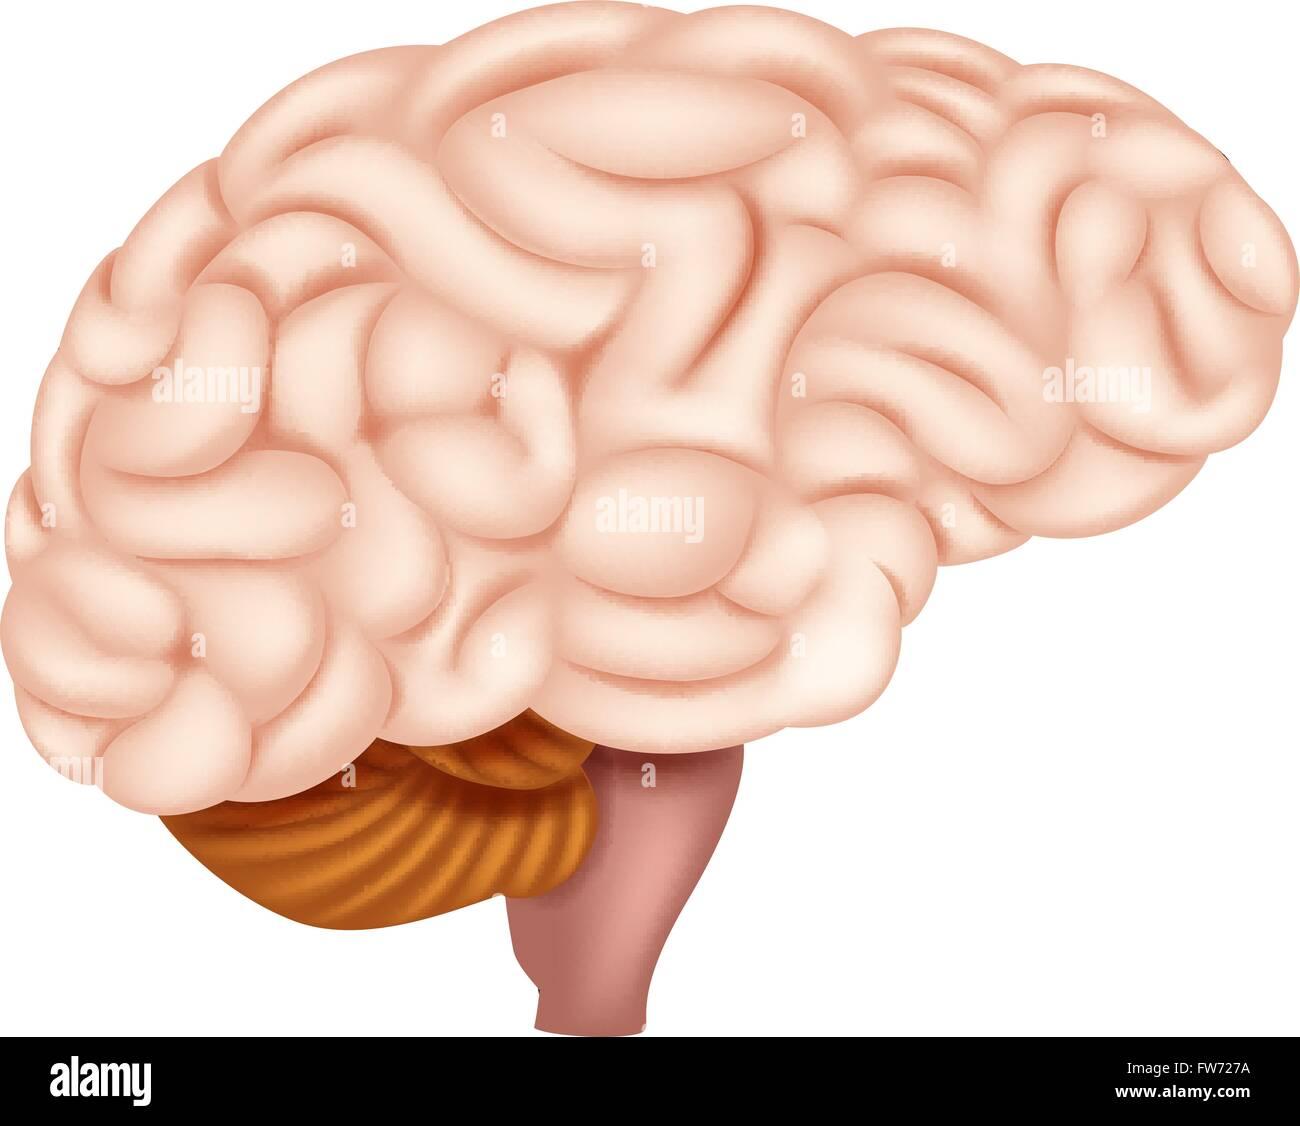 Anatomie des menschlichen Gehirns Vektor Abbildung - Bild: 101573678 ...